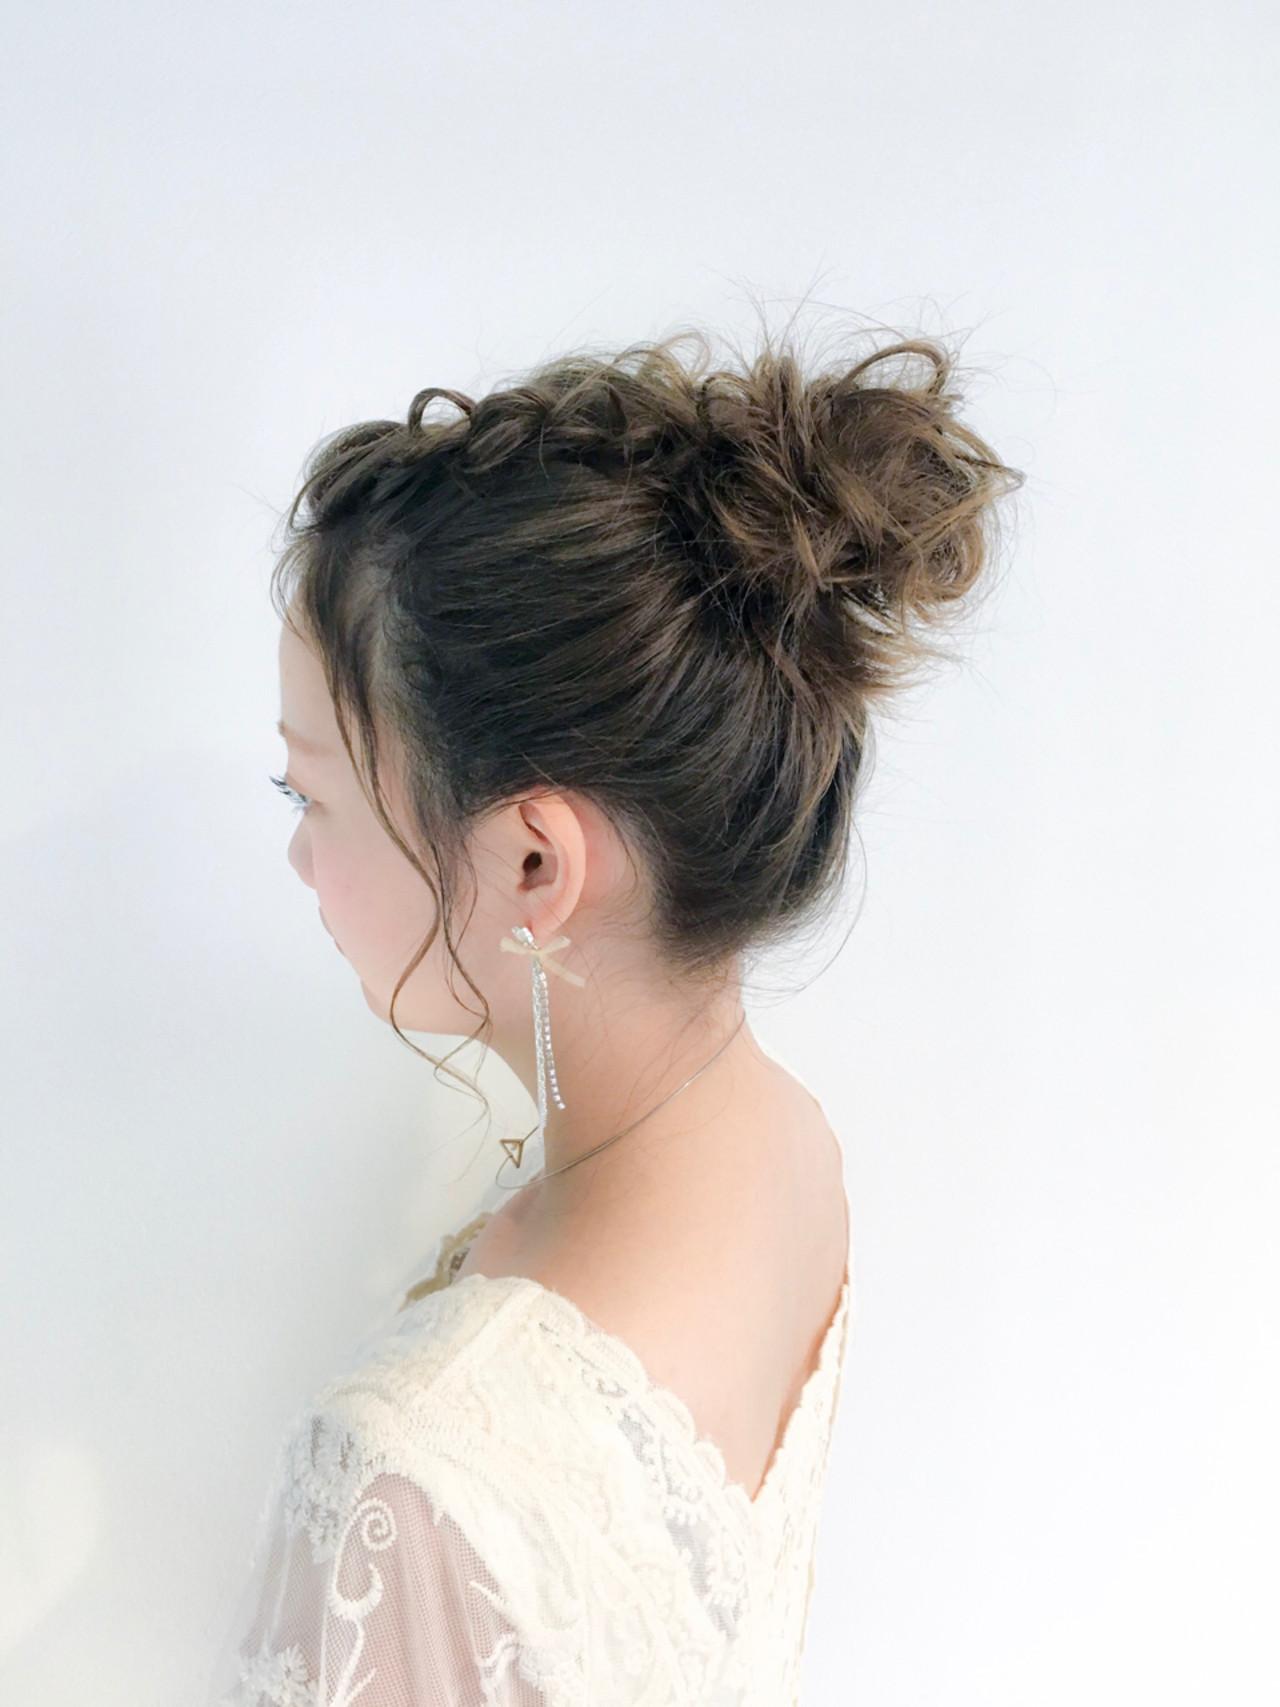 簡単お団子ヘアで小顔をGET!どこから見られても美人に見えるアレンジ集 美容師 HIRO